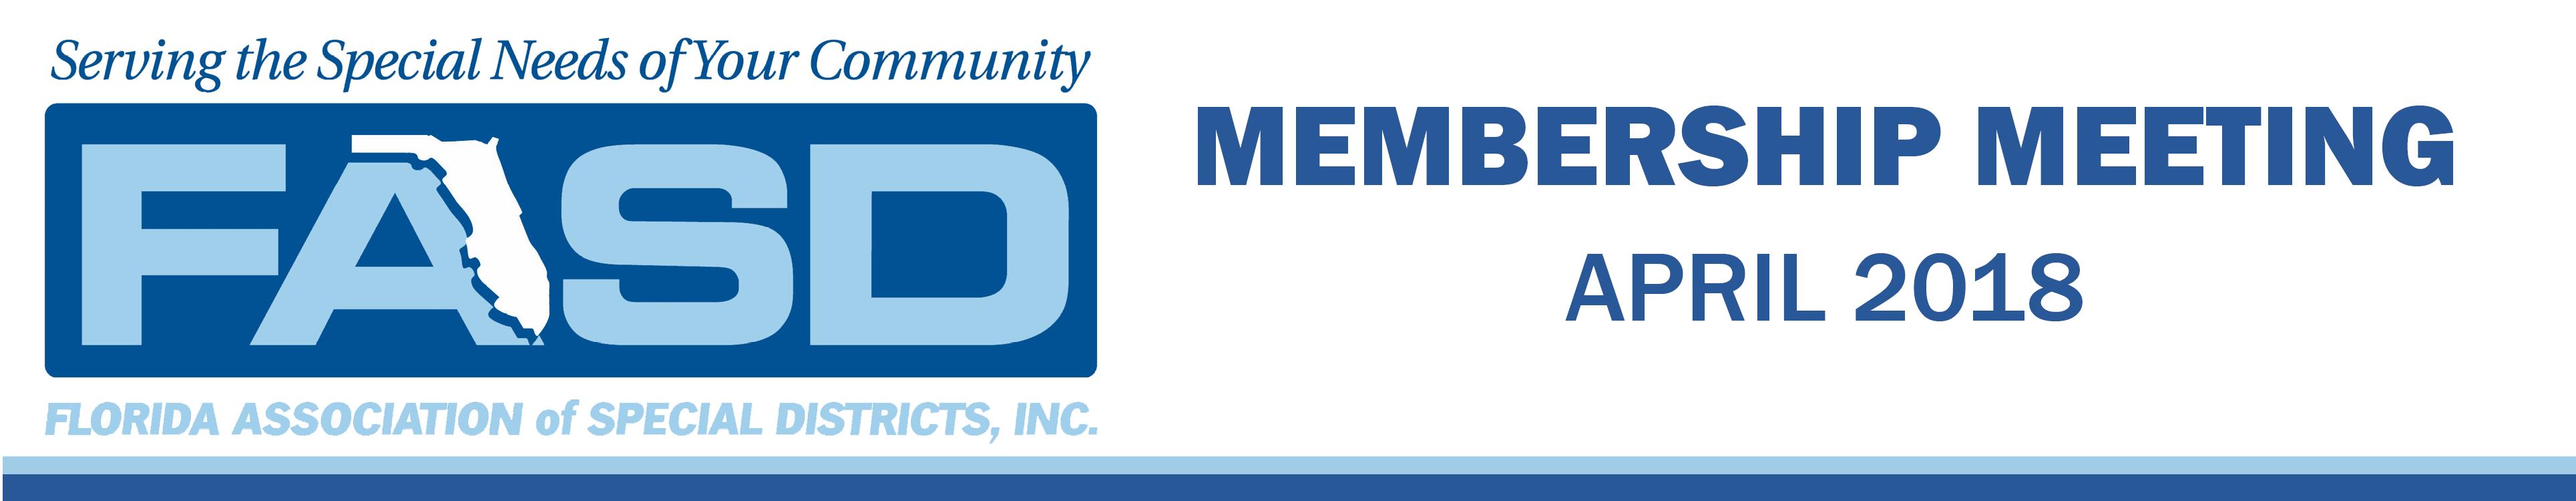 2018 FASD April Membership Meeting